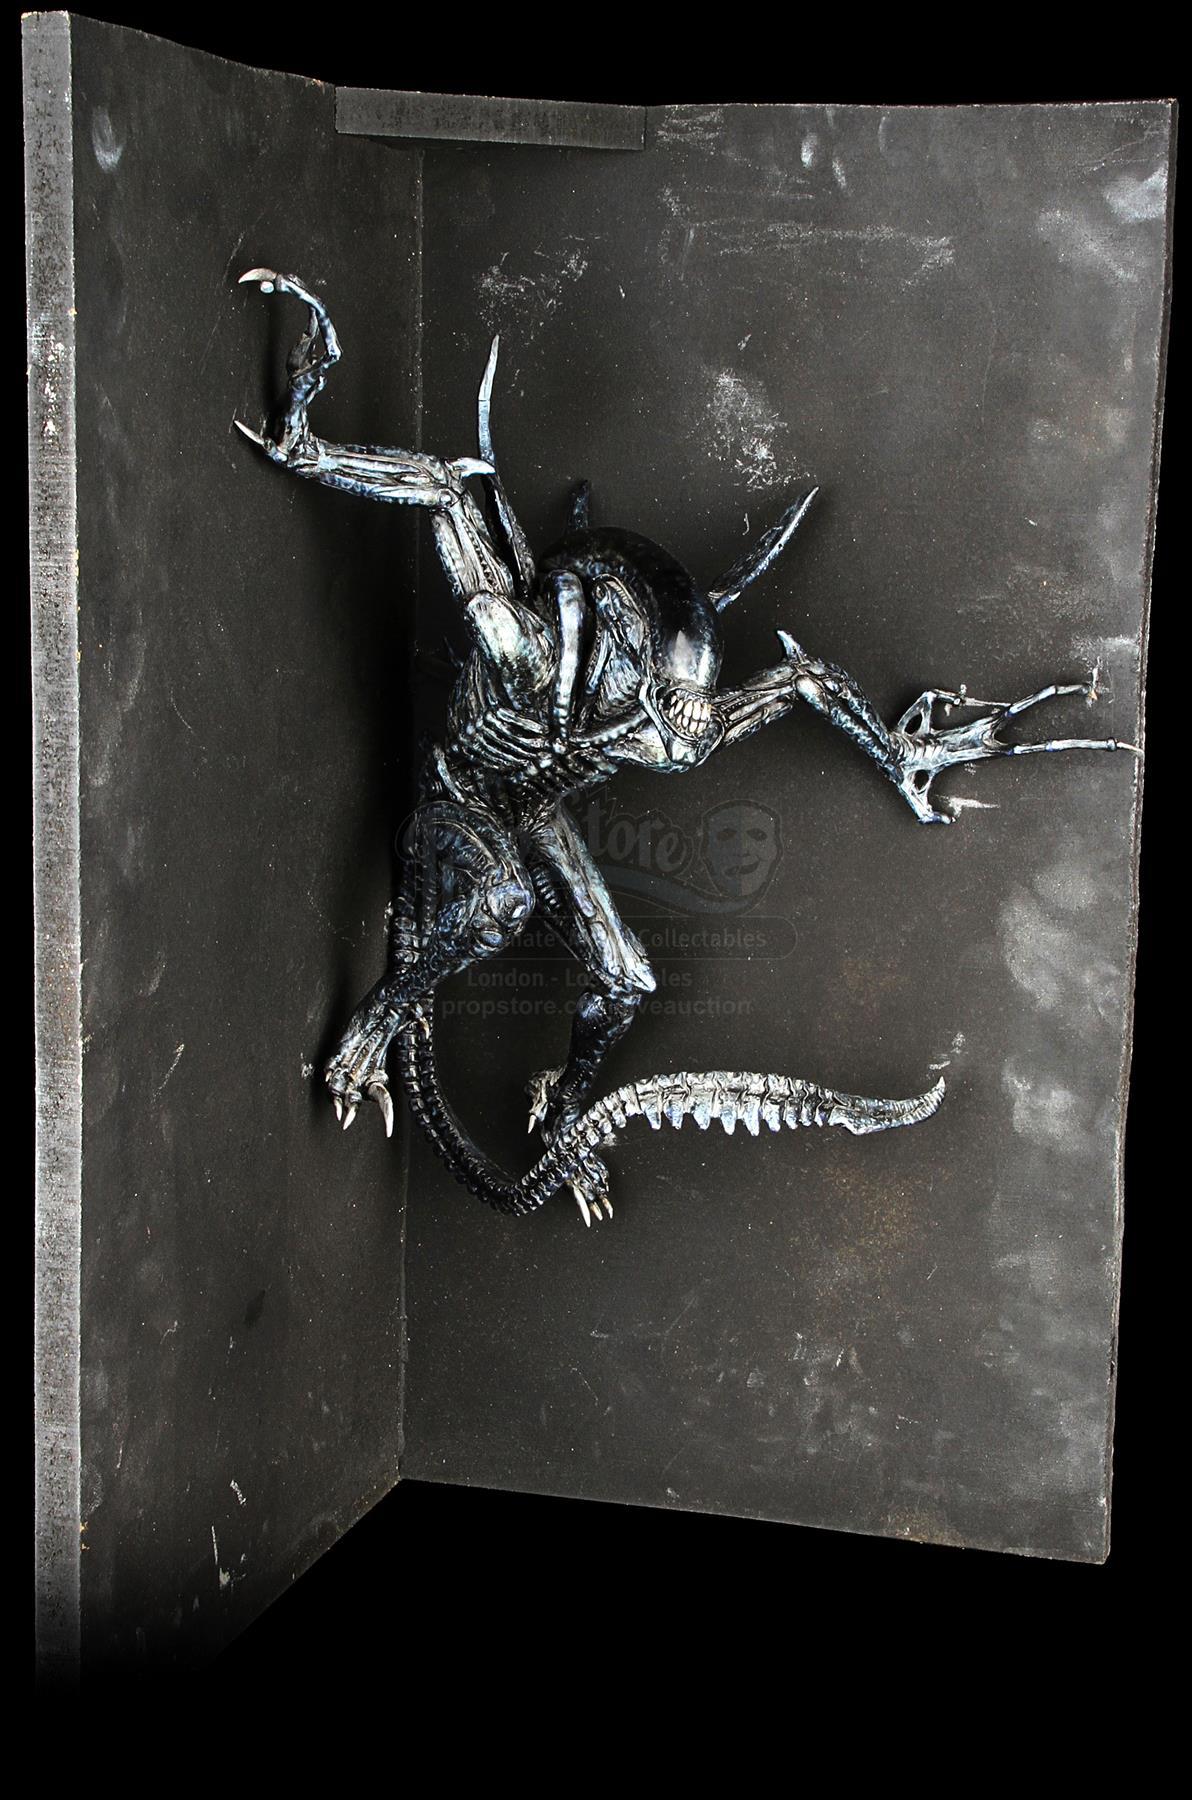 ALIEN VS. PREDATOR (2004) - ADI Alien Warrior Maquette